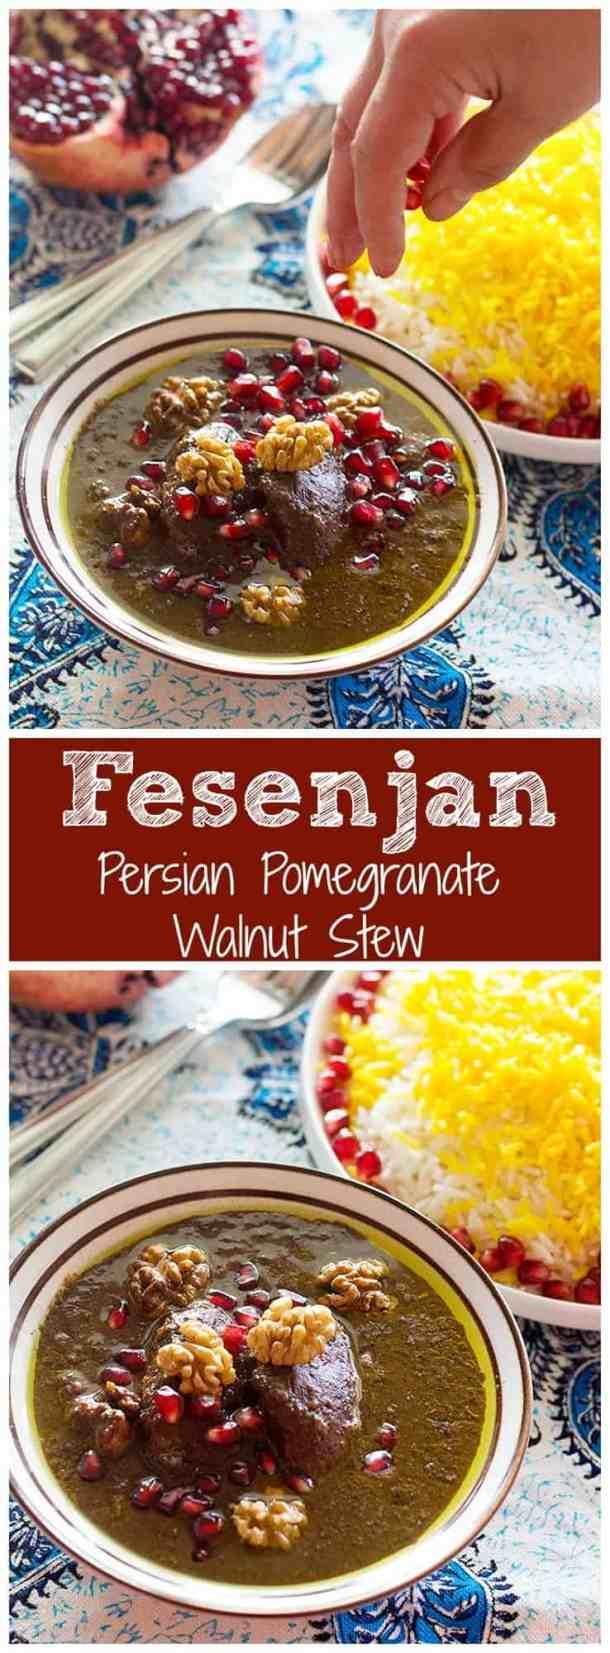 Fesenjan | Fesenjan Chicken | Fesenjan Recipe | Persian Pomegranate Walnut Stew | Fesenjan Chicken | Fesenjan Iran | Fesenjoon | #persianrecipes #fesenjan #fesenjoon #easypersianrecipes #persianfood